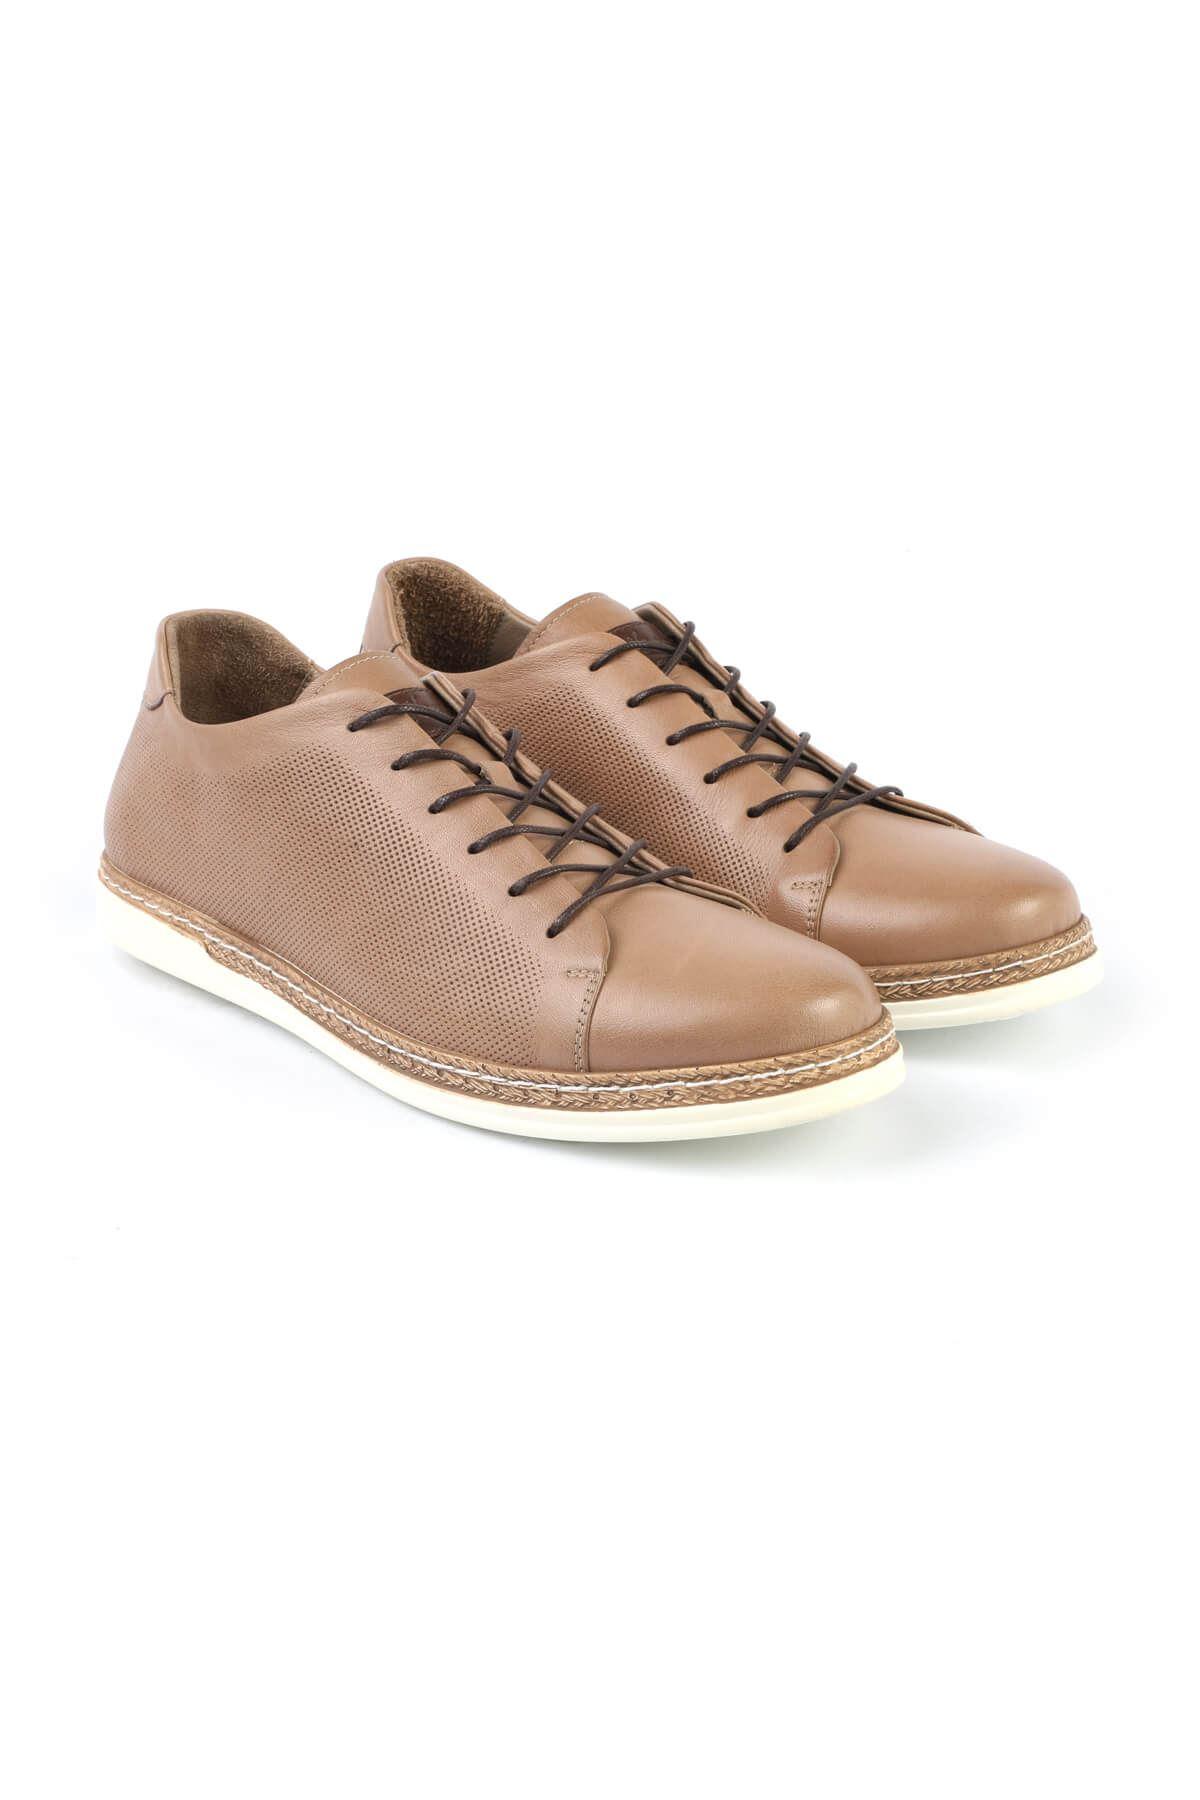 Libero C780 Mink Casual Shoes